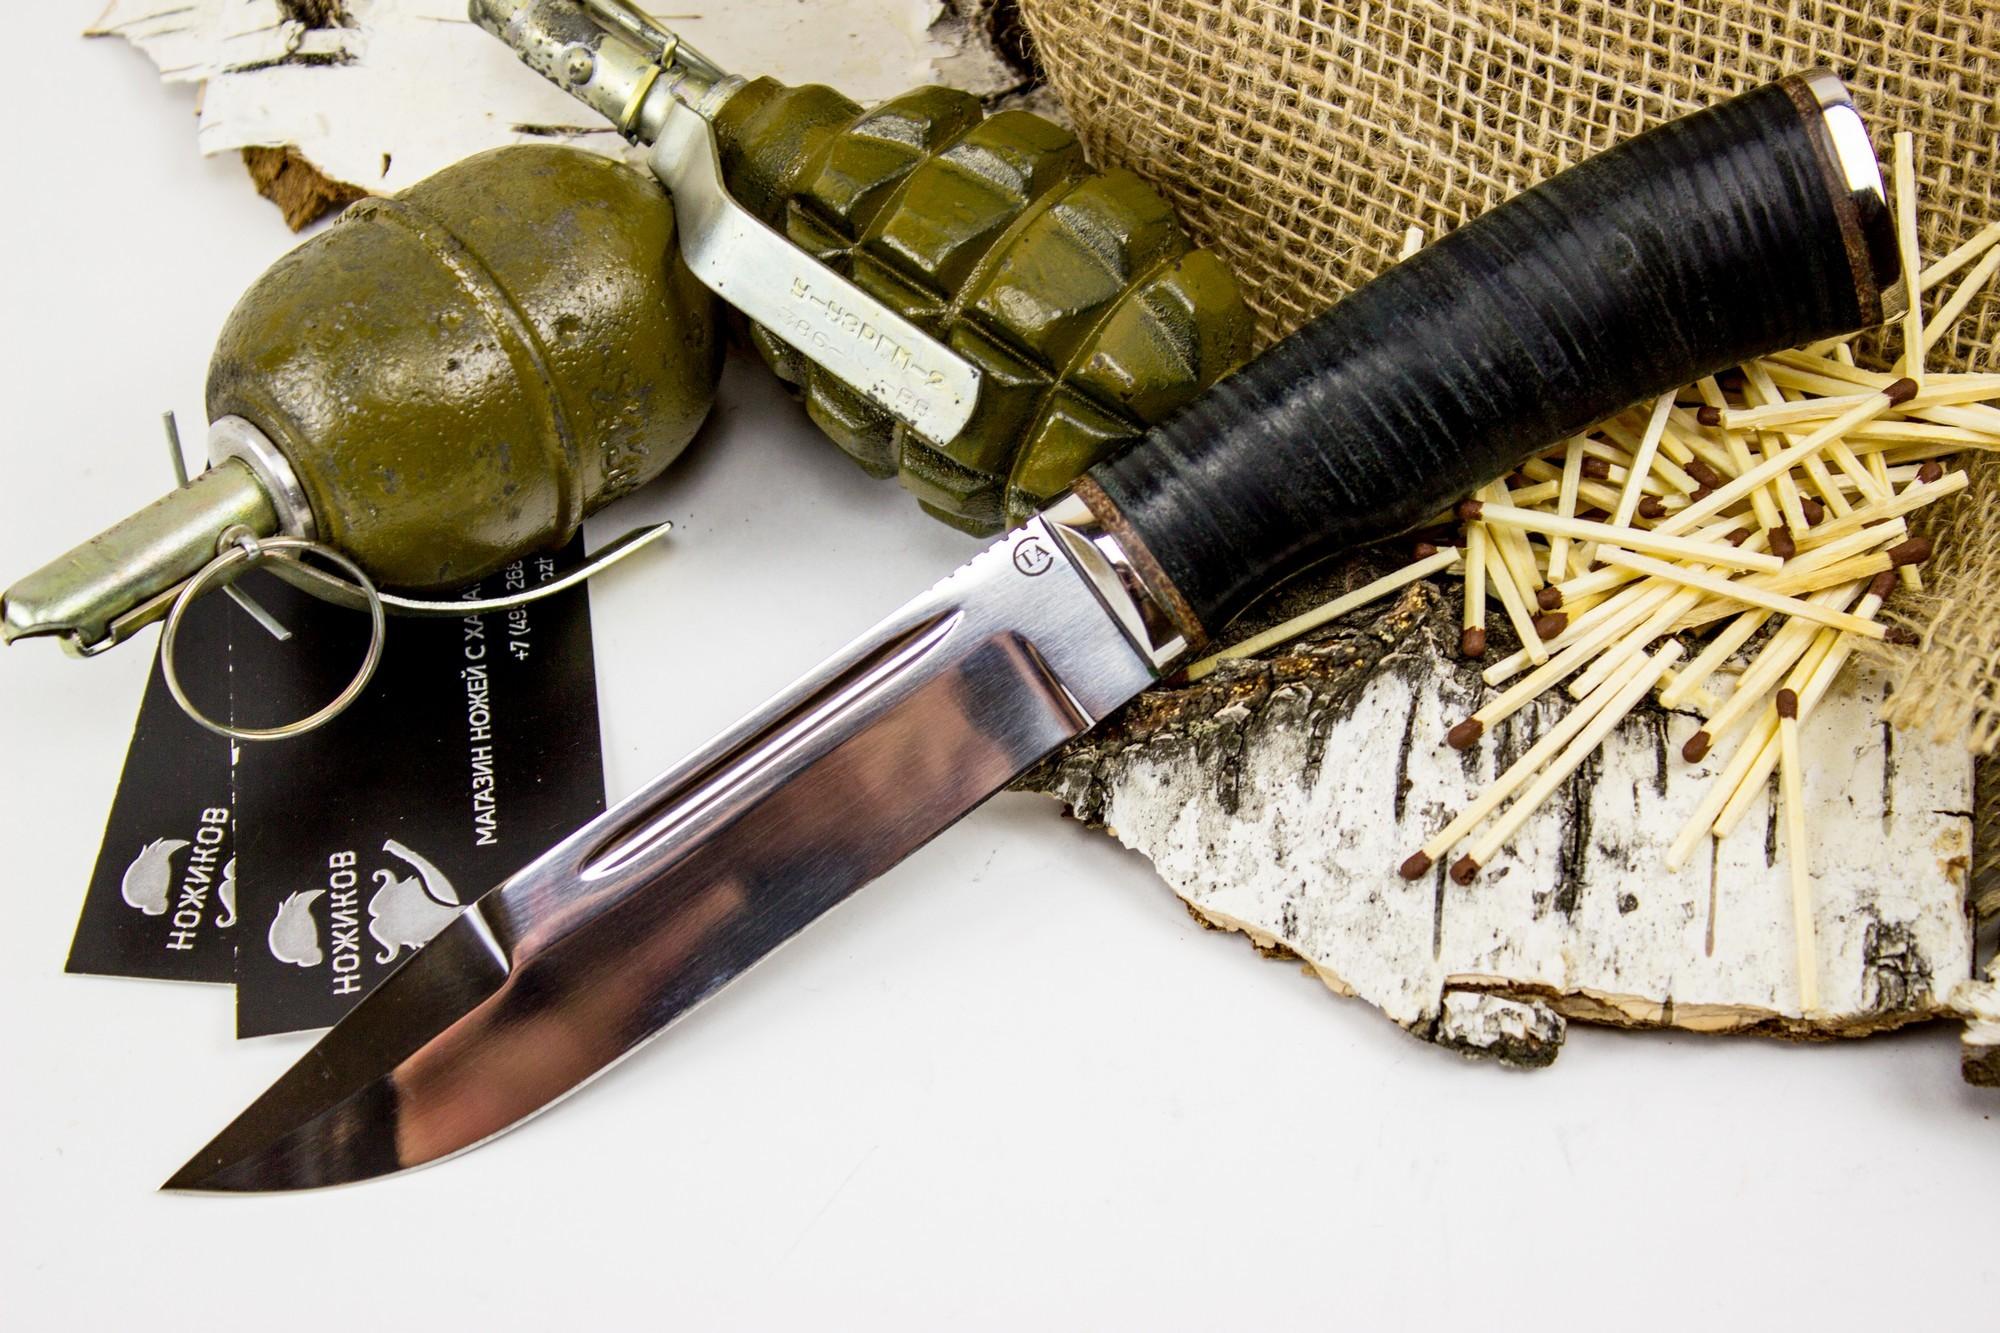 Нож Русич, сталь 95х18, кожа от Титов и Солдатова